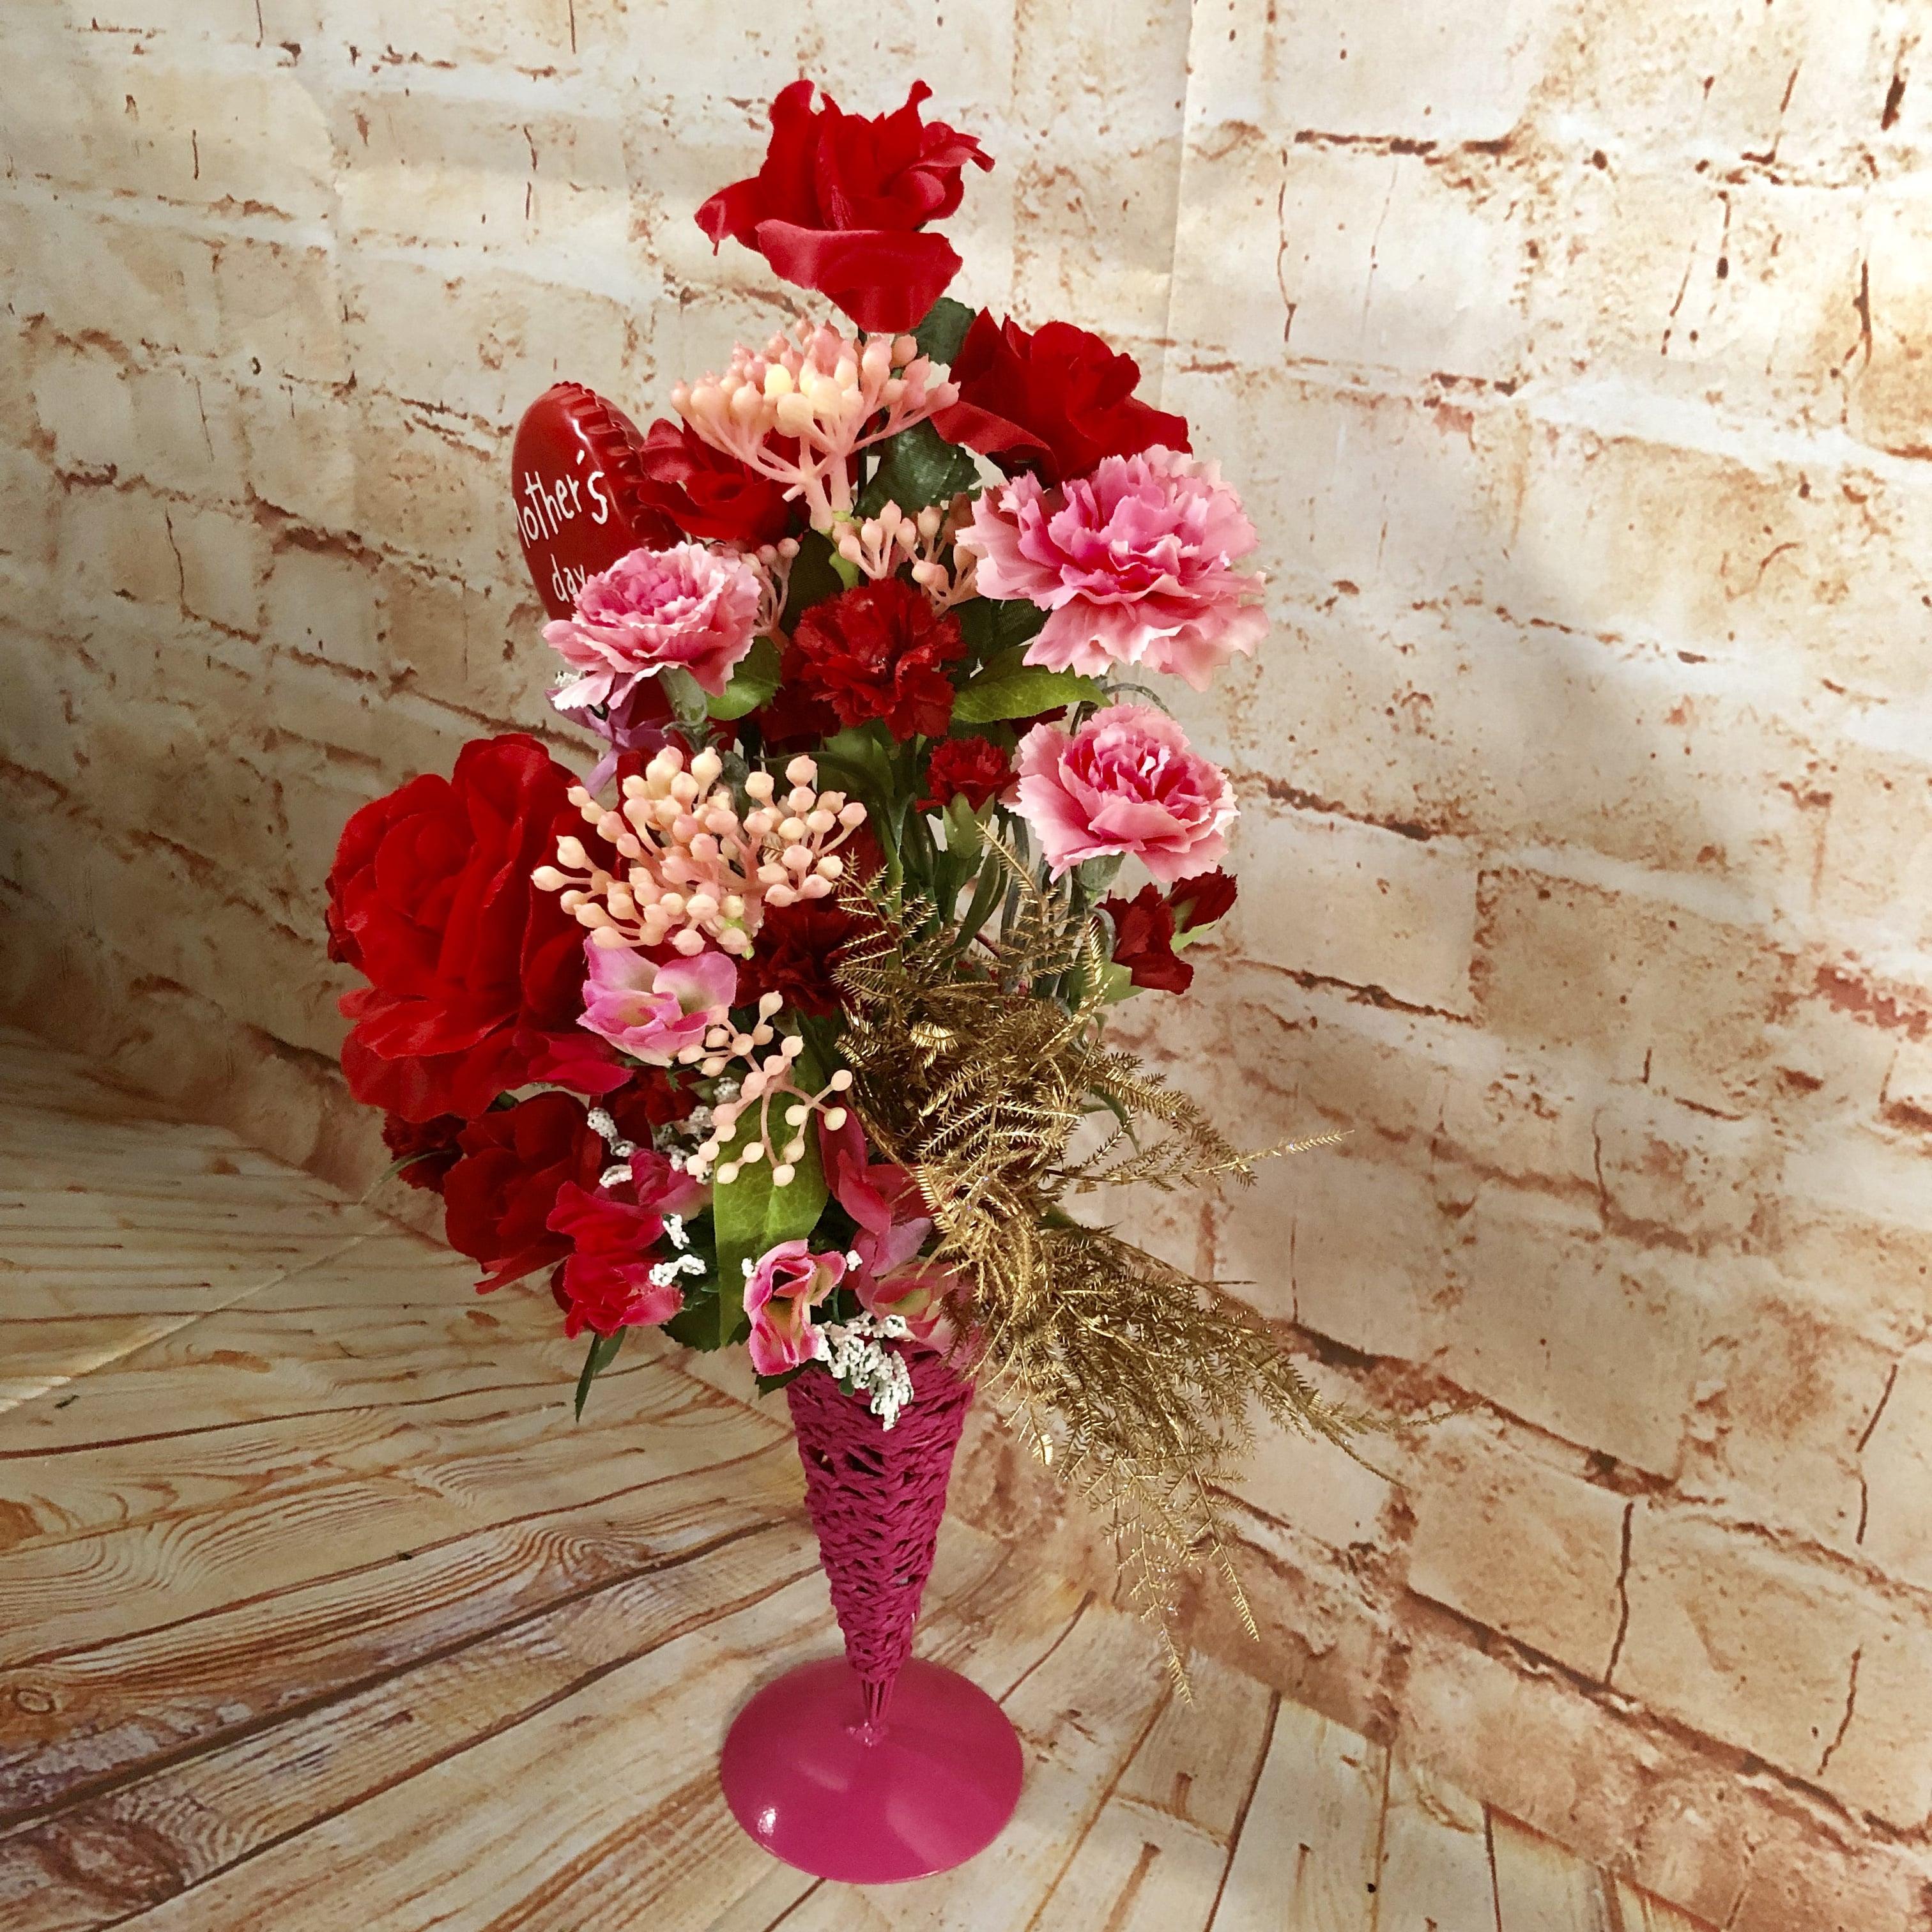 【店頭引取り専用】数量限定 母の日カーネーションアレンジ/プレゼント/ピンク/枯れないお花造花/プレゼントに喜ばれる/大切な人へのプレゼント/贈答用/特別なプレゼント/形に残る/人とは違う物がいい/母-1のイメージその3